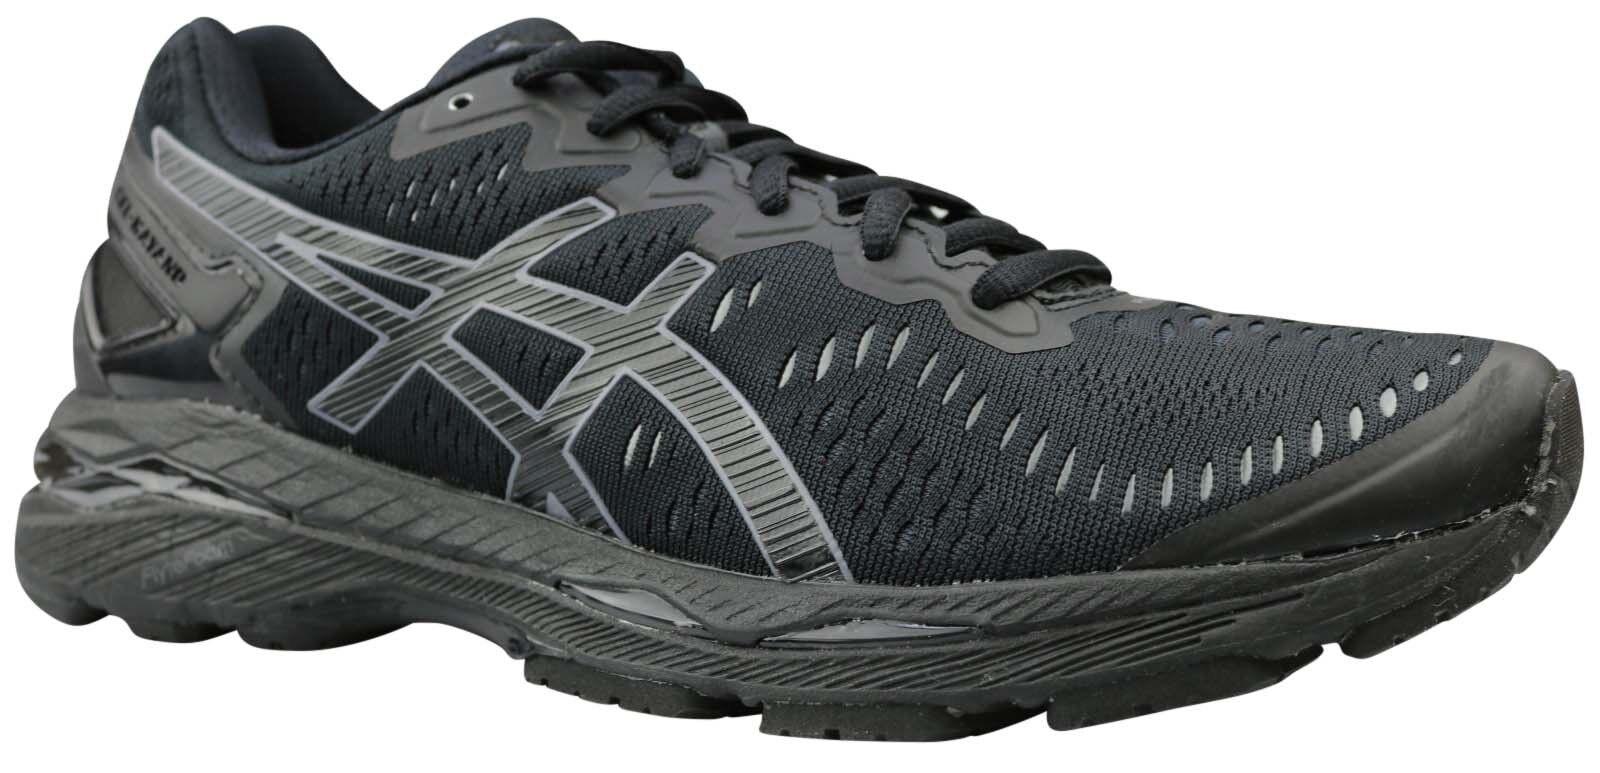 ASICS GEL KAYANO 23 Donna donna Scarpe Da Corsa scarpe da ginnastica t696n9099 MIS. 37  40 NUOVO